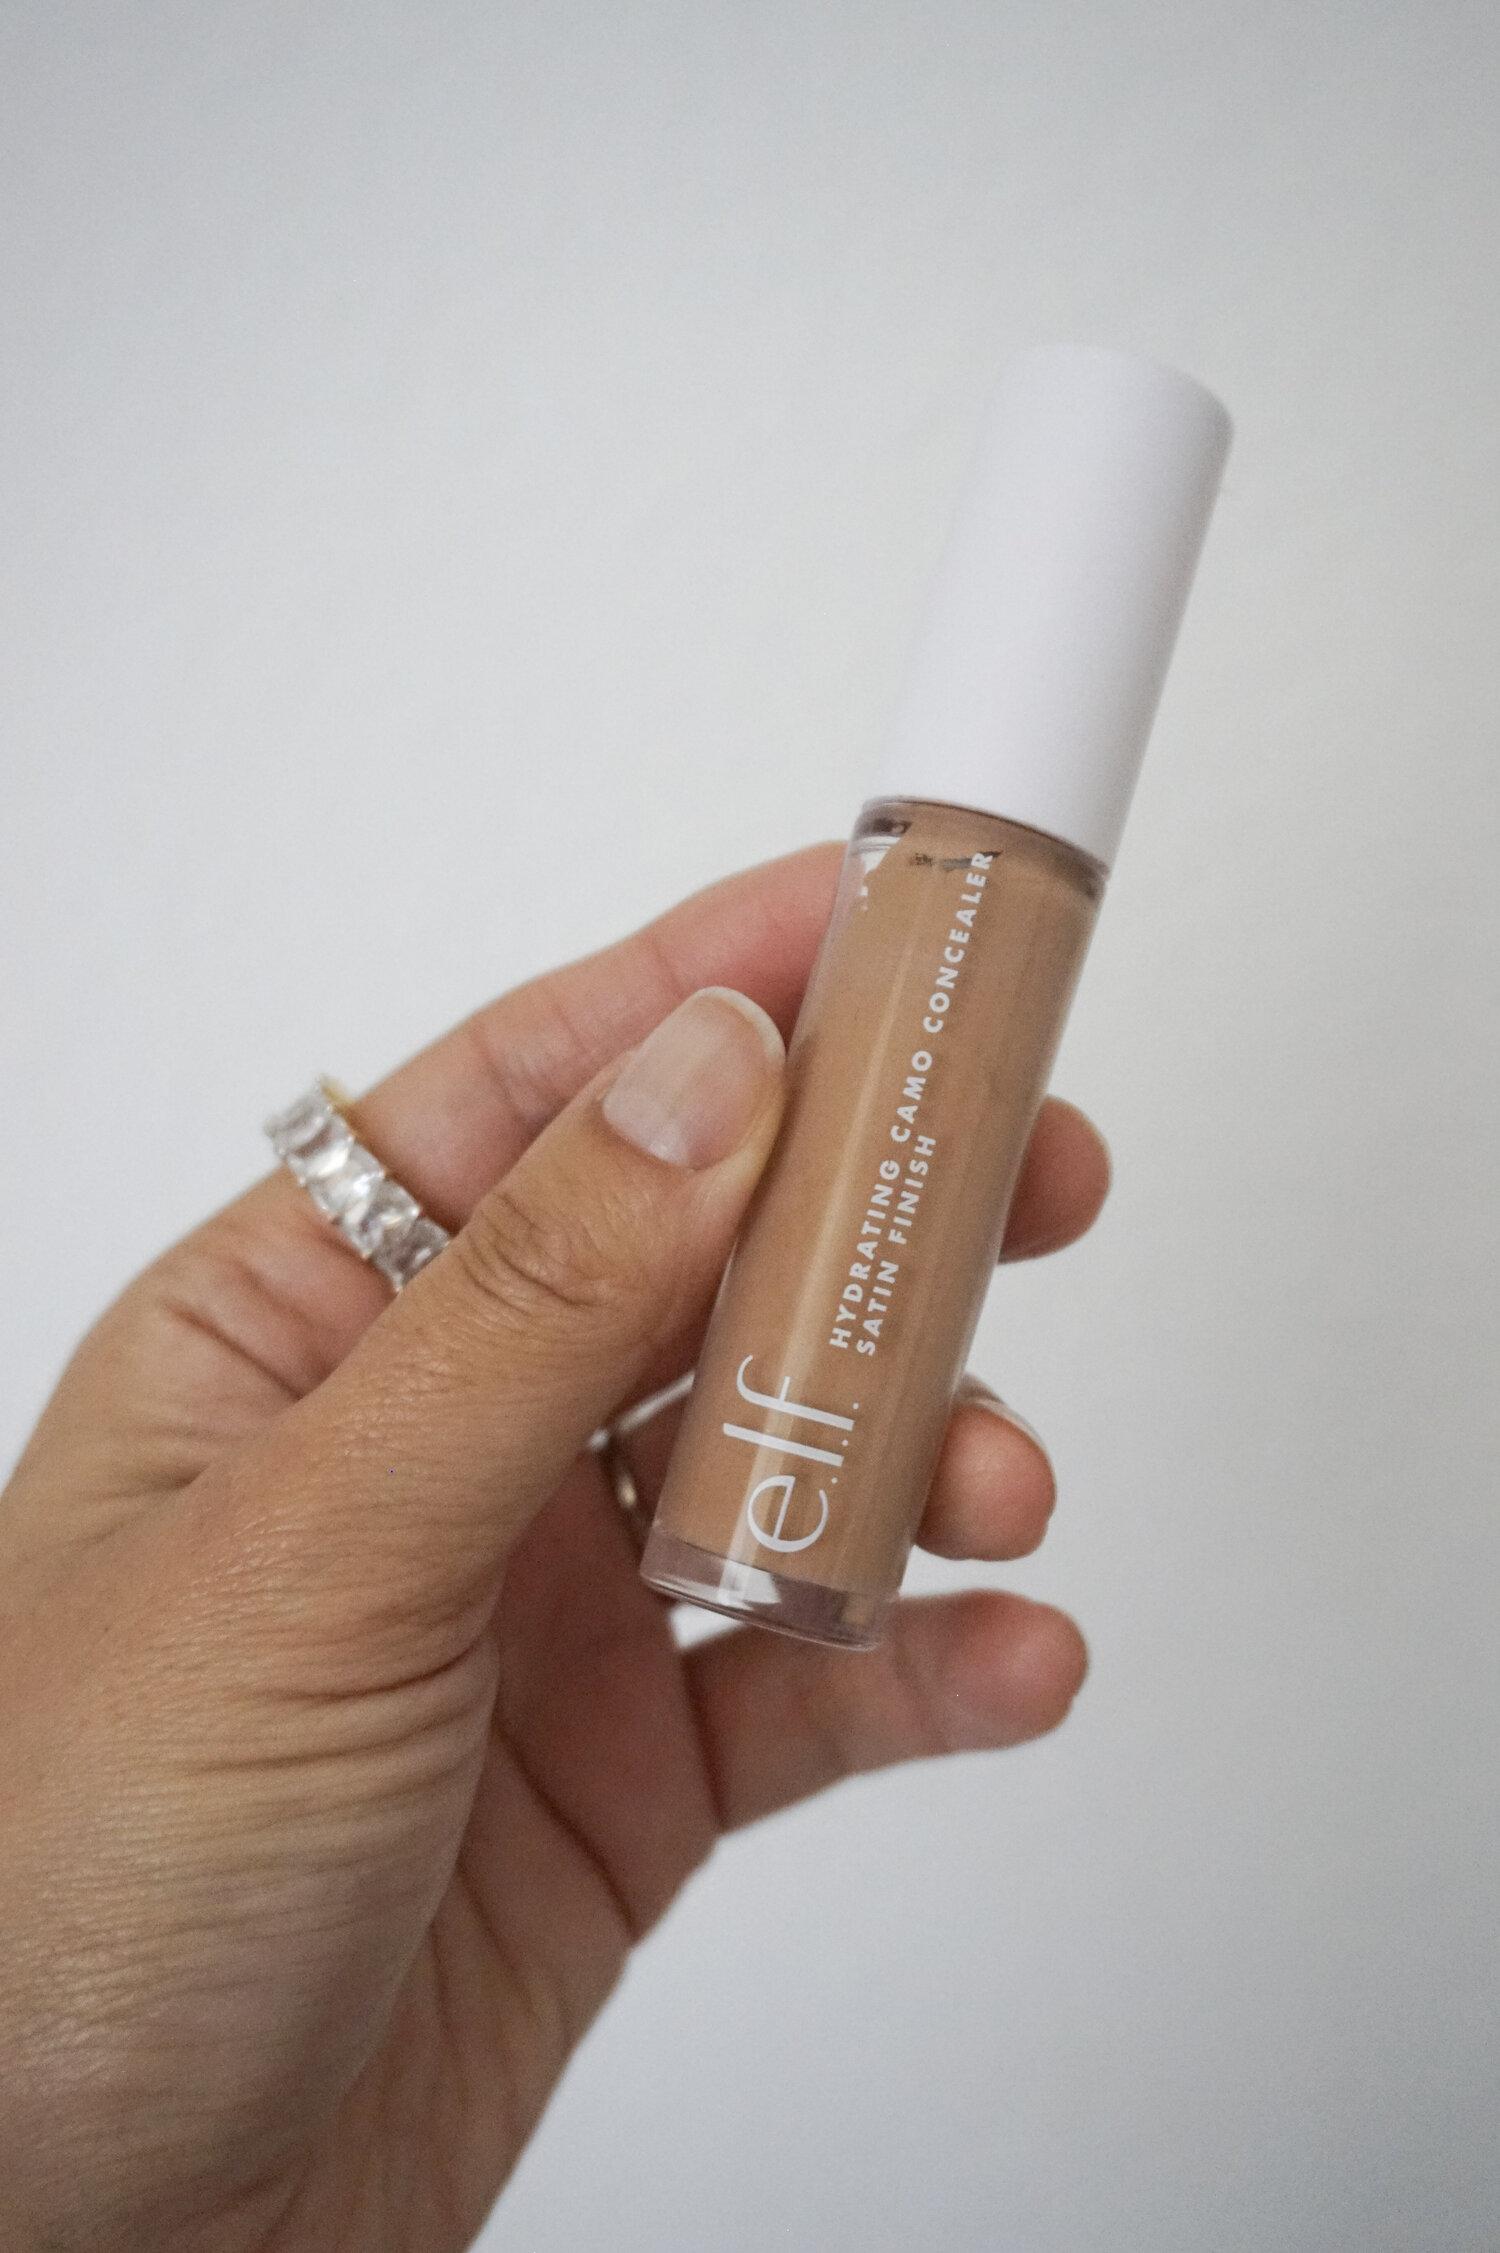 elf hydrating concealer-tan walnut DUPE for Tarte Shape tape concealer